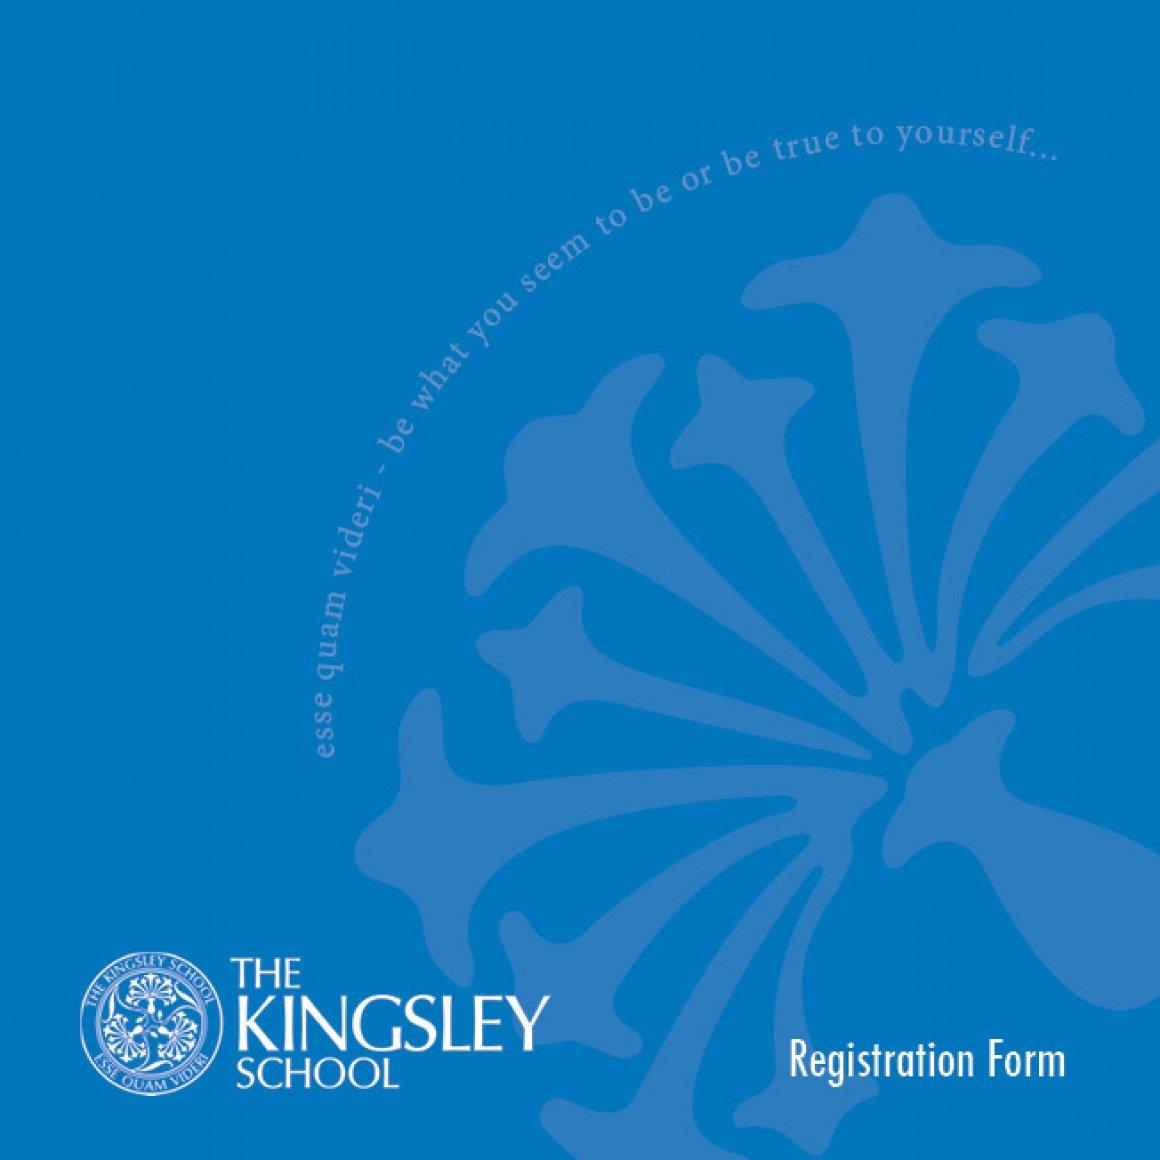 Registration Form 2020